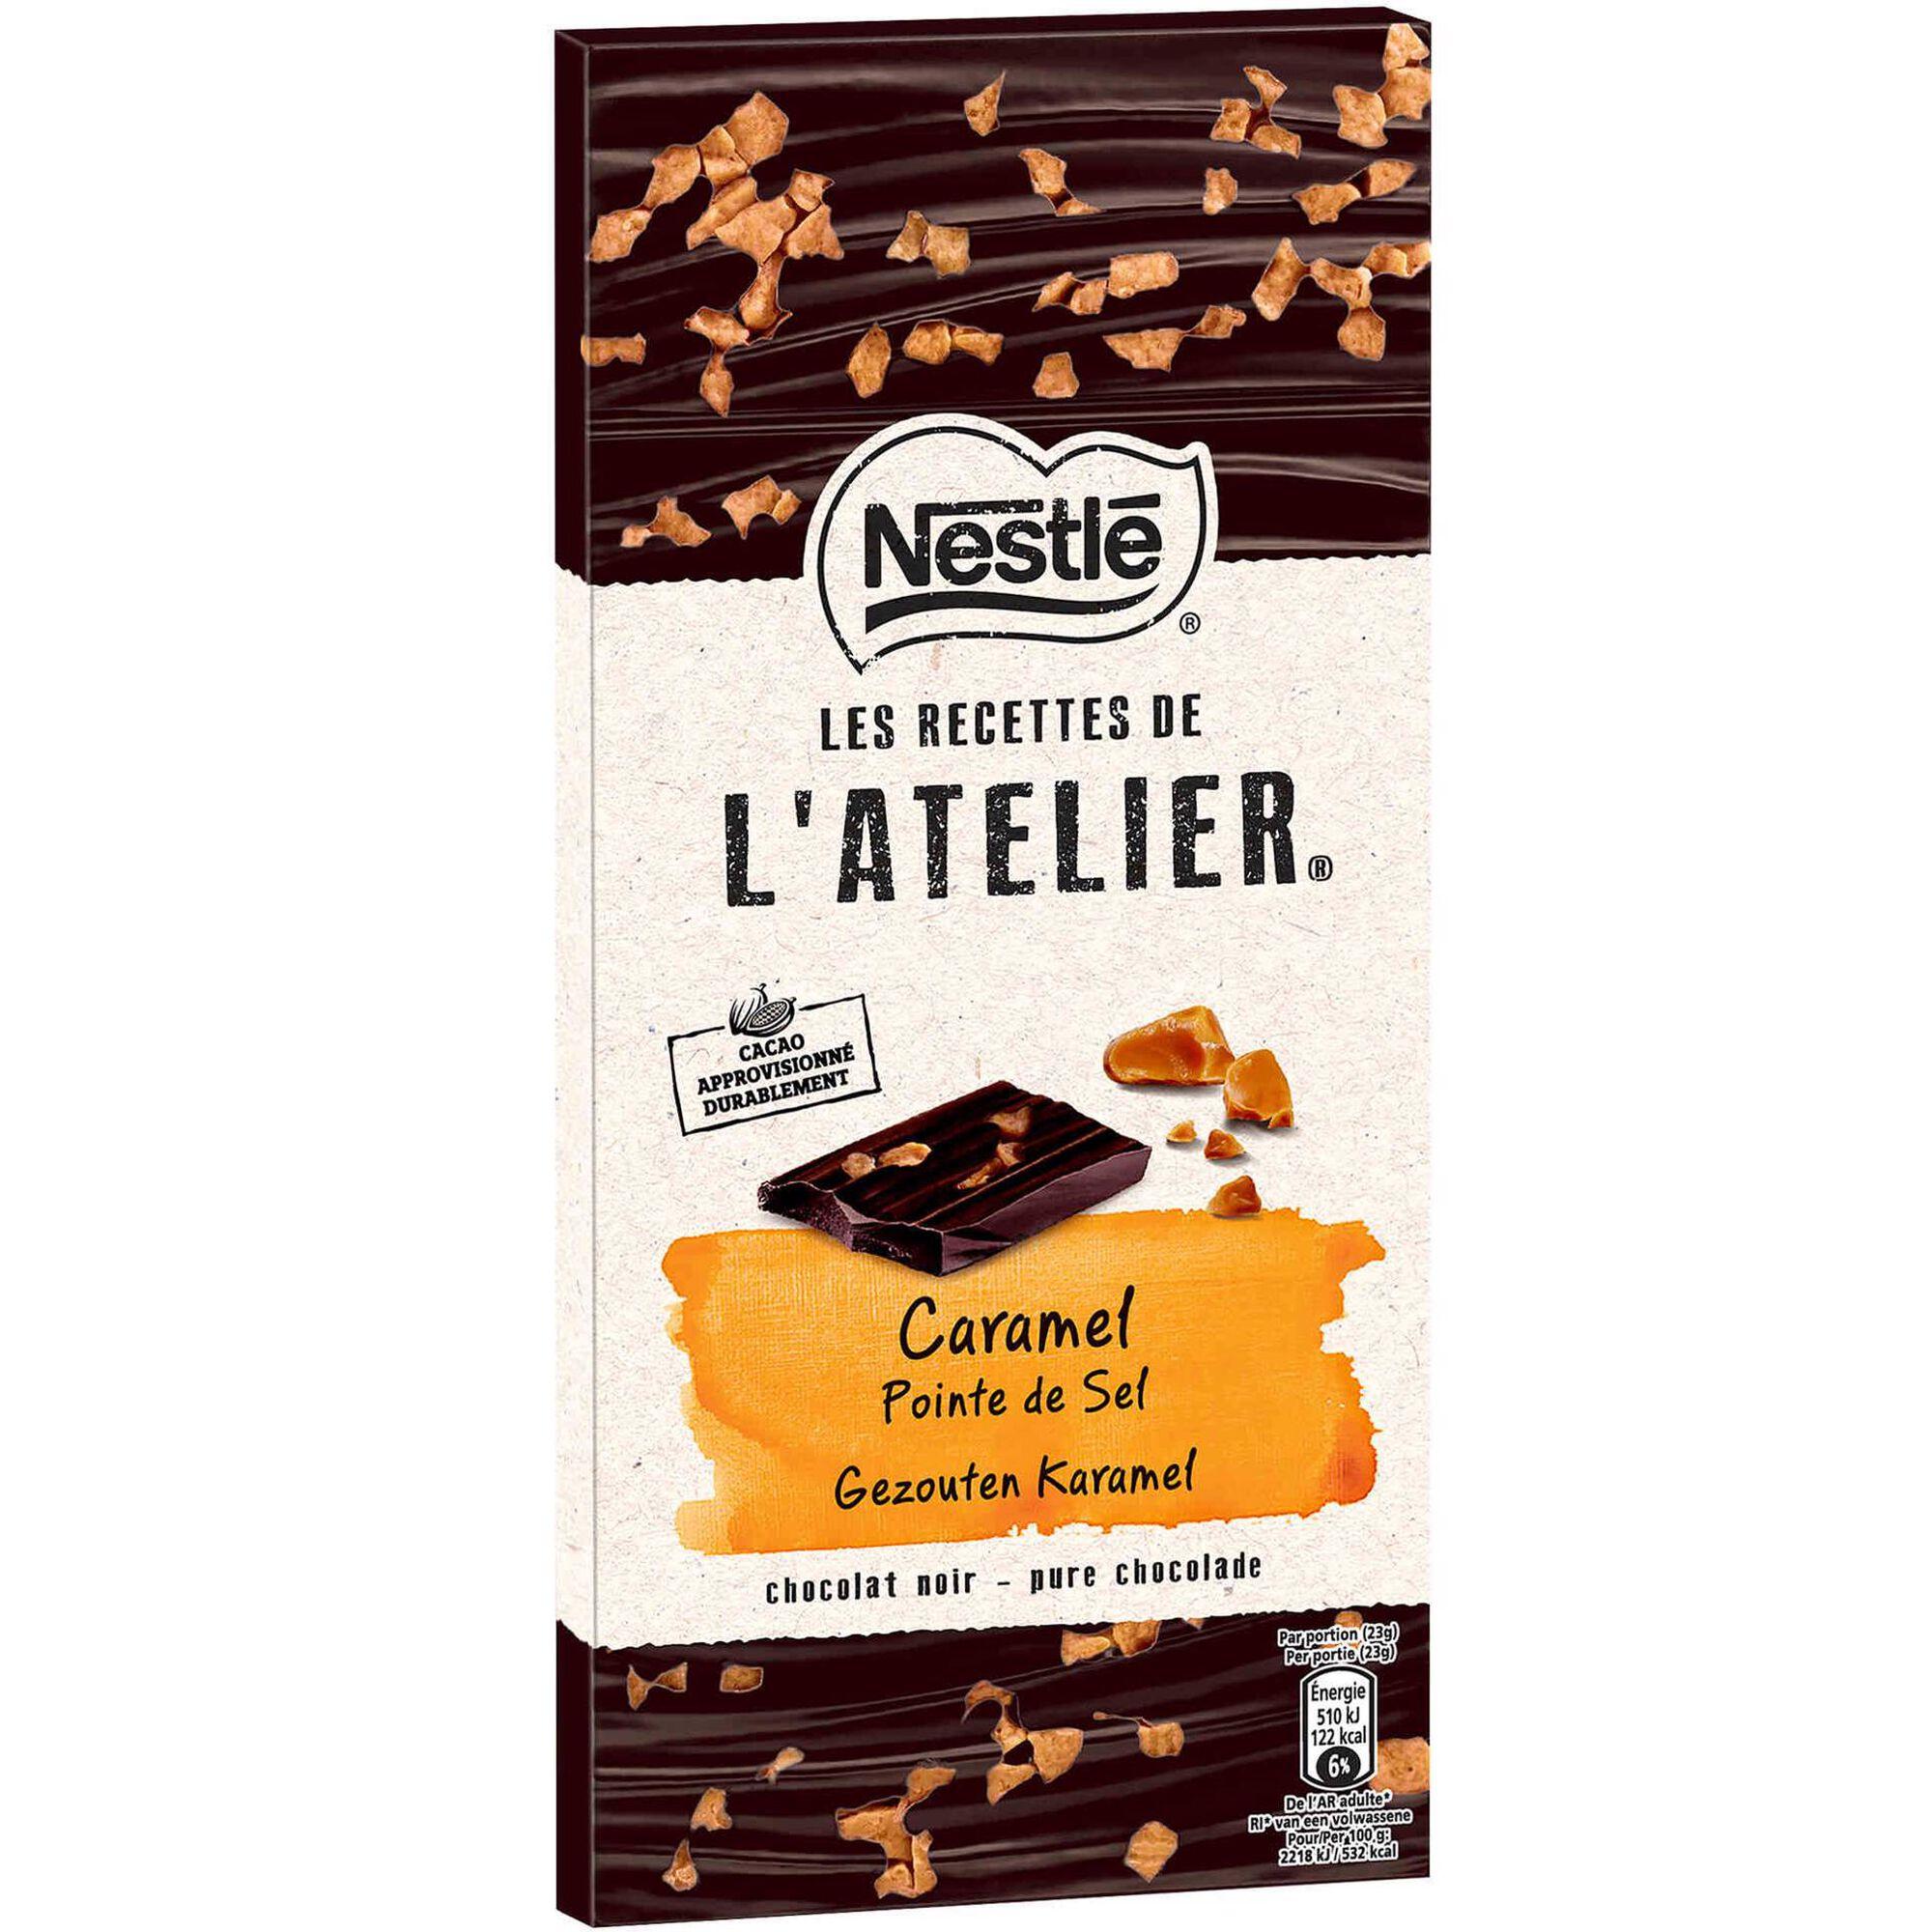 Tablete de Chocolate Negro com Caramelo Les Recettes de L'Atelier